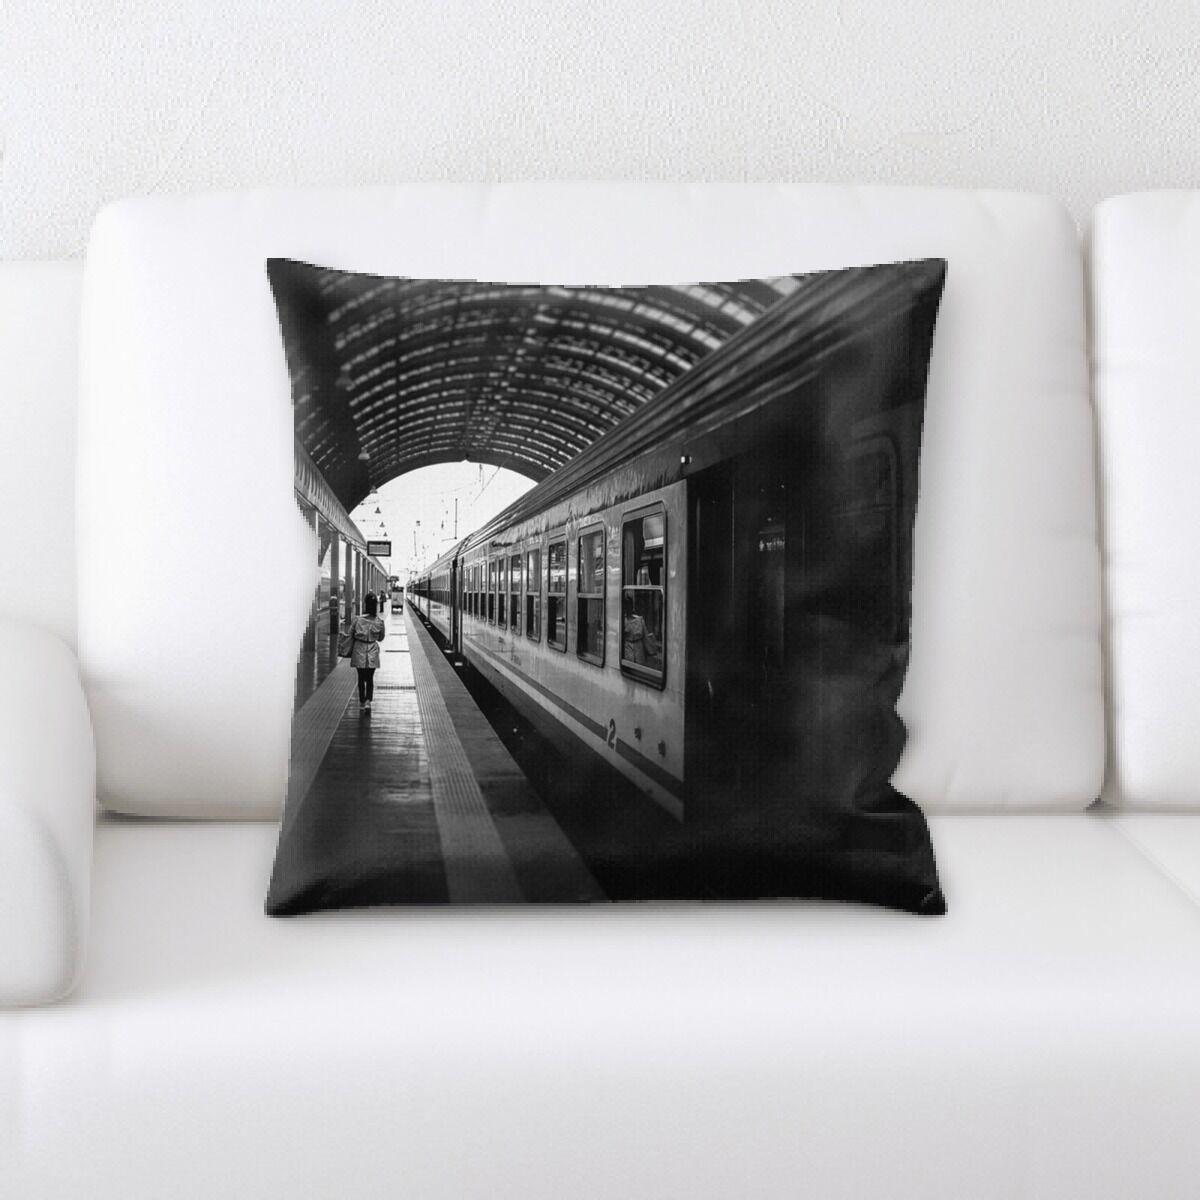 Lam (125) Throw Pillow